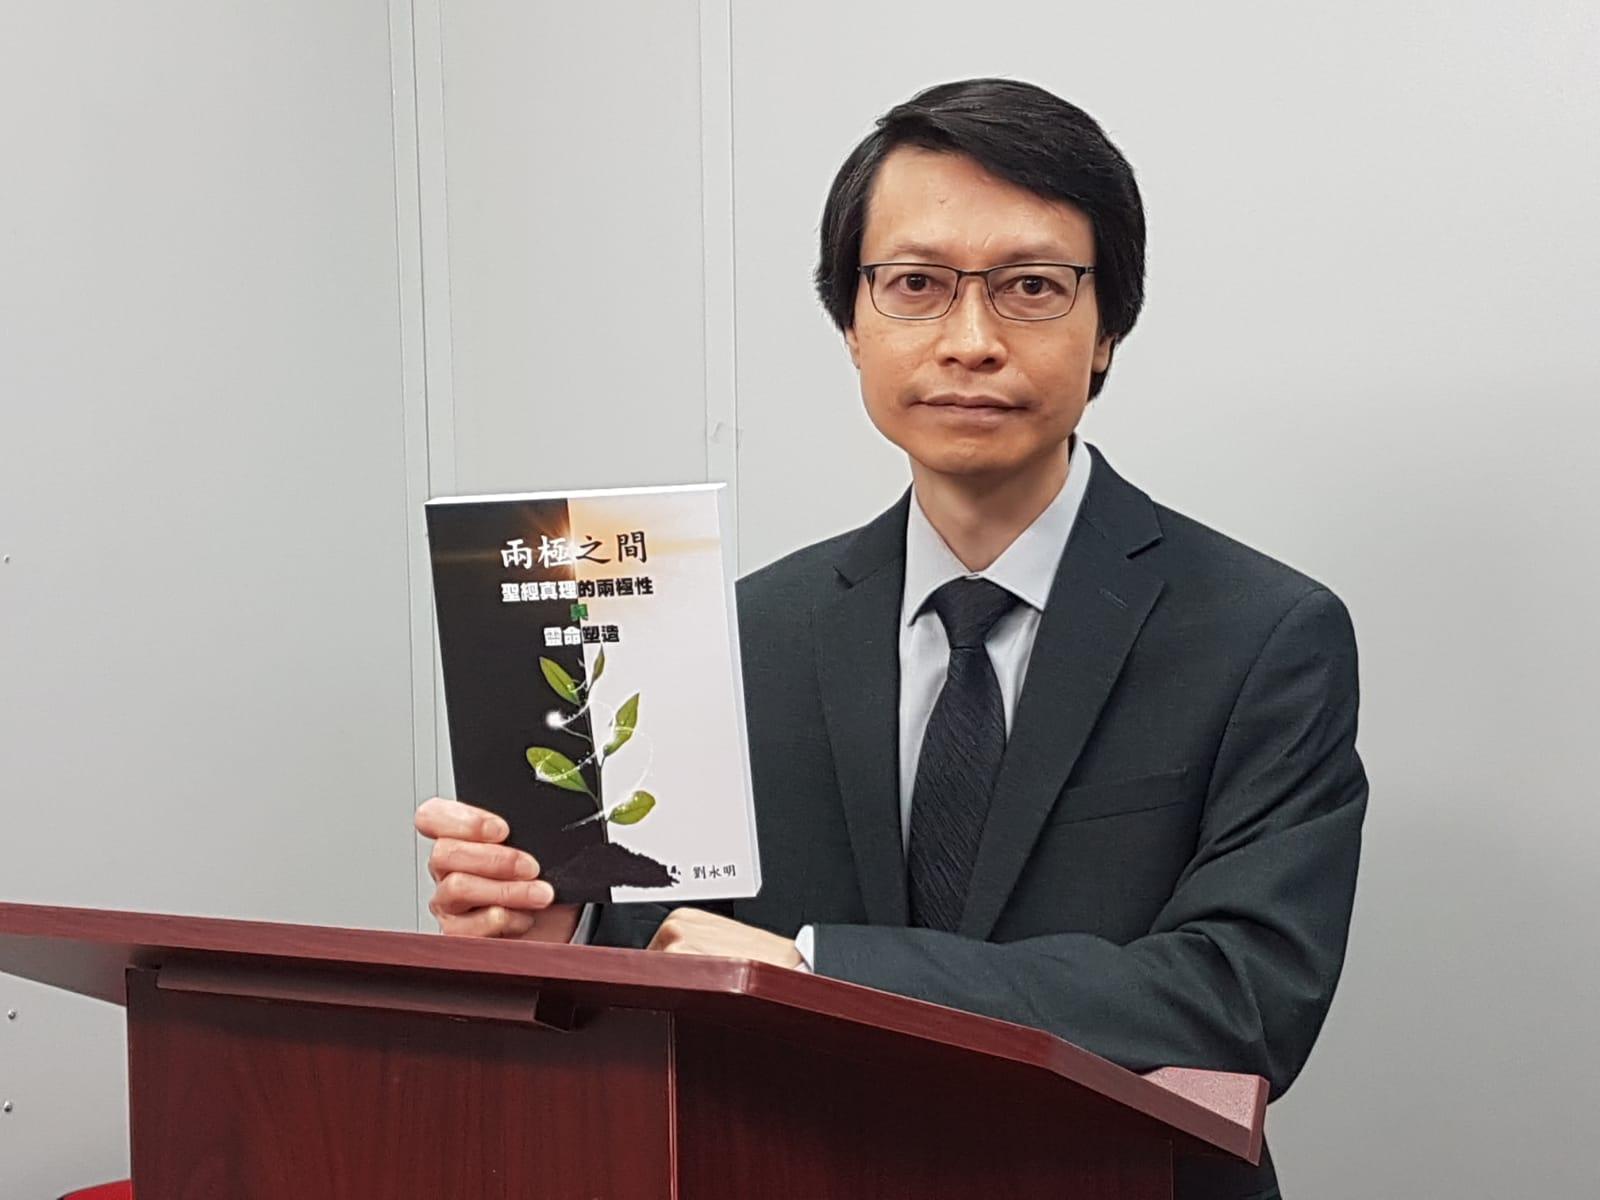 劉永明博士講座系列